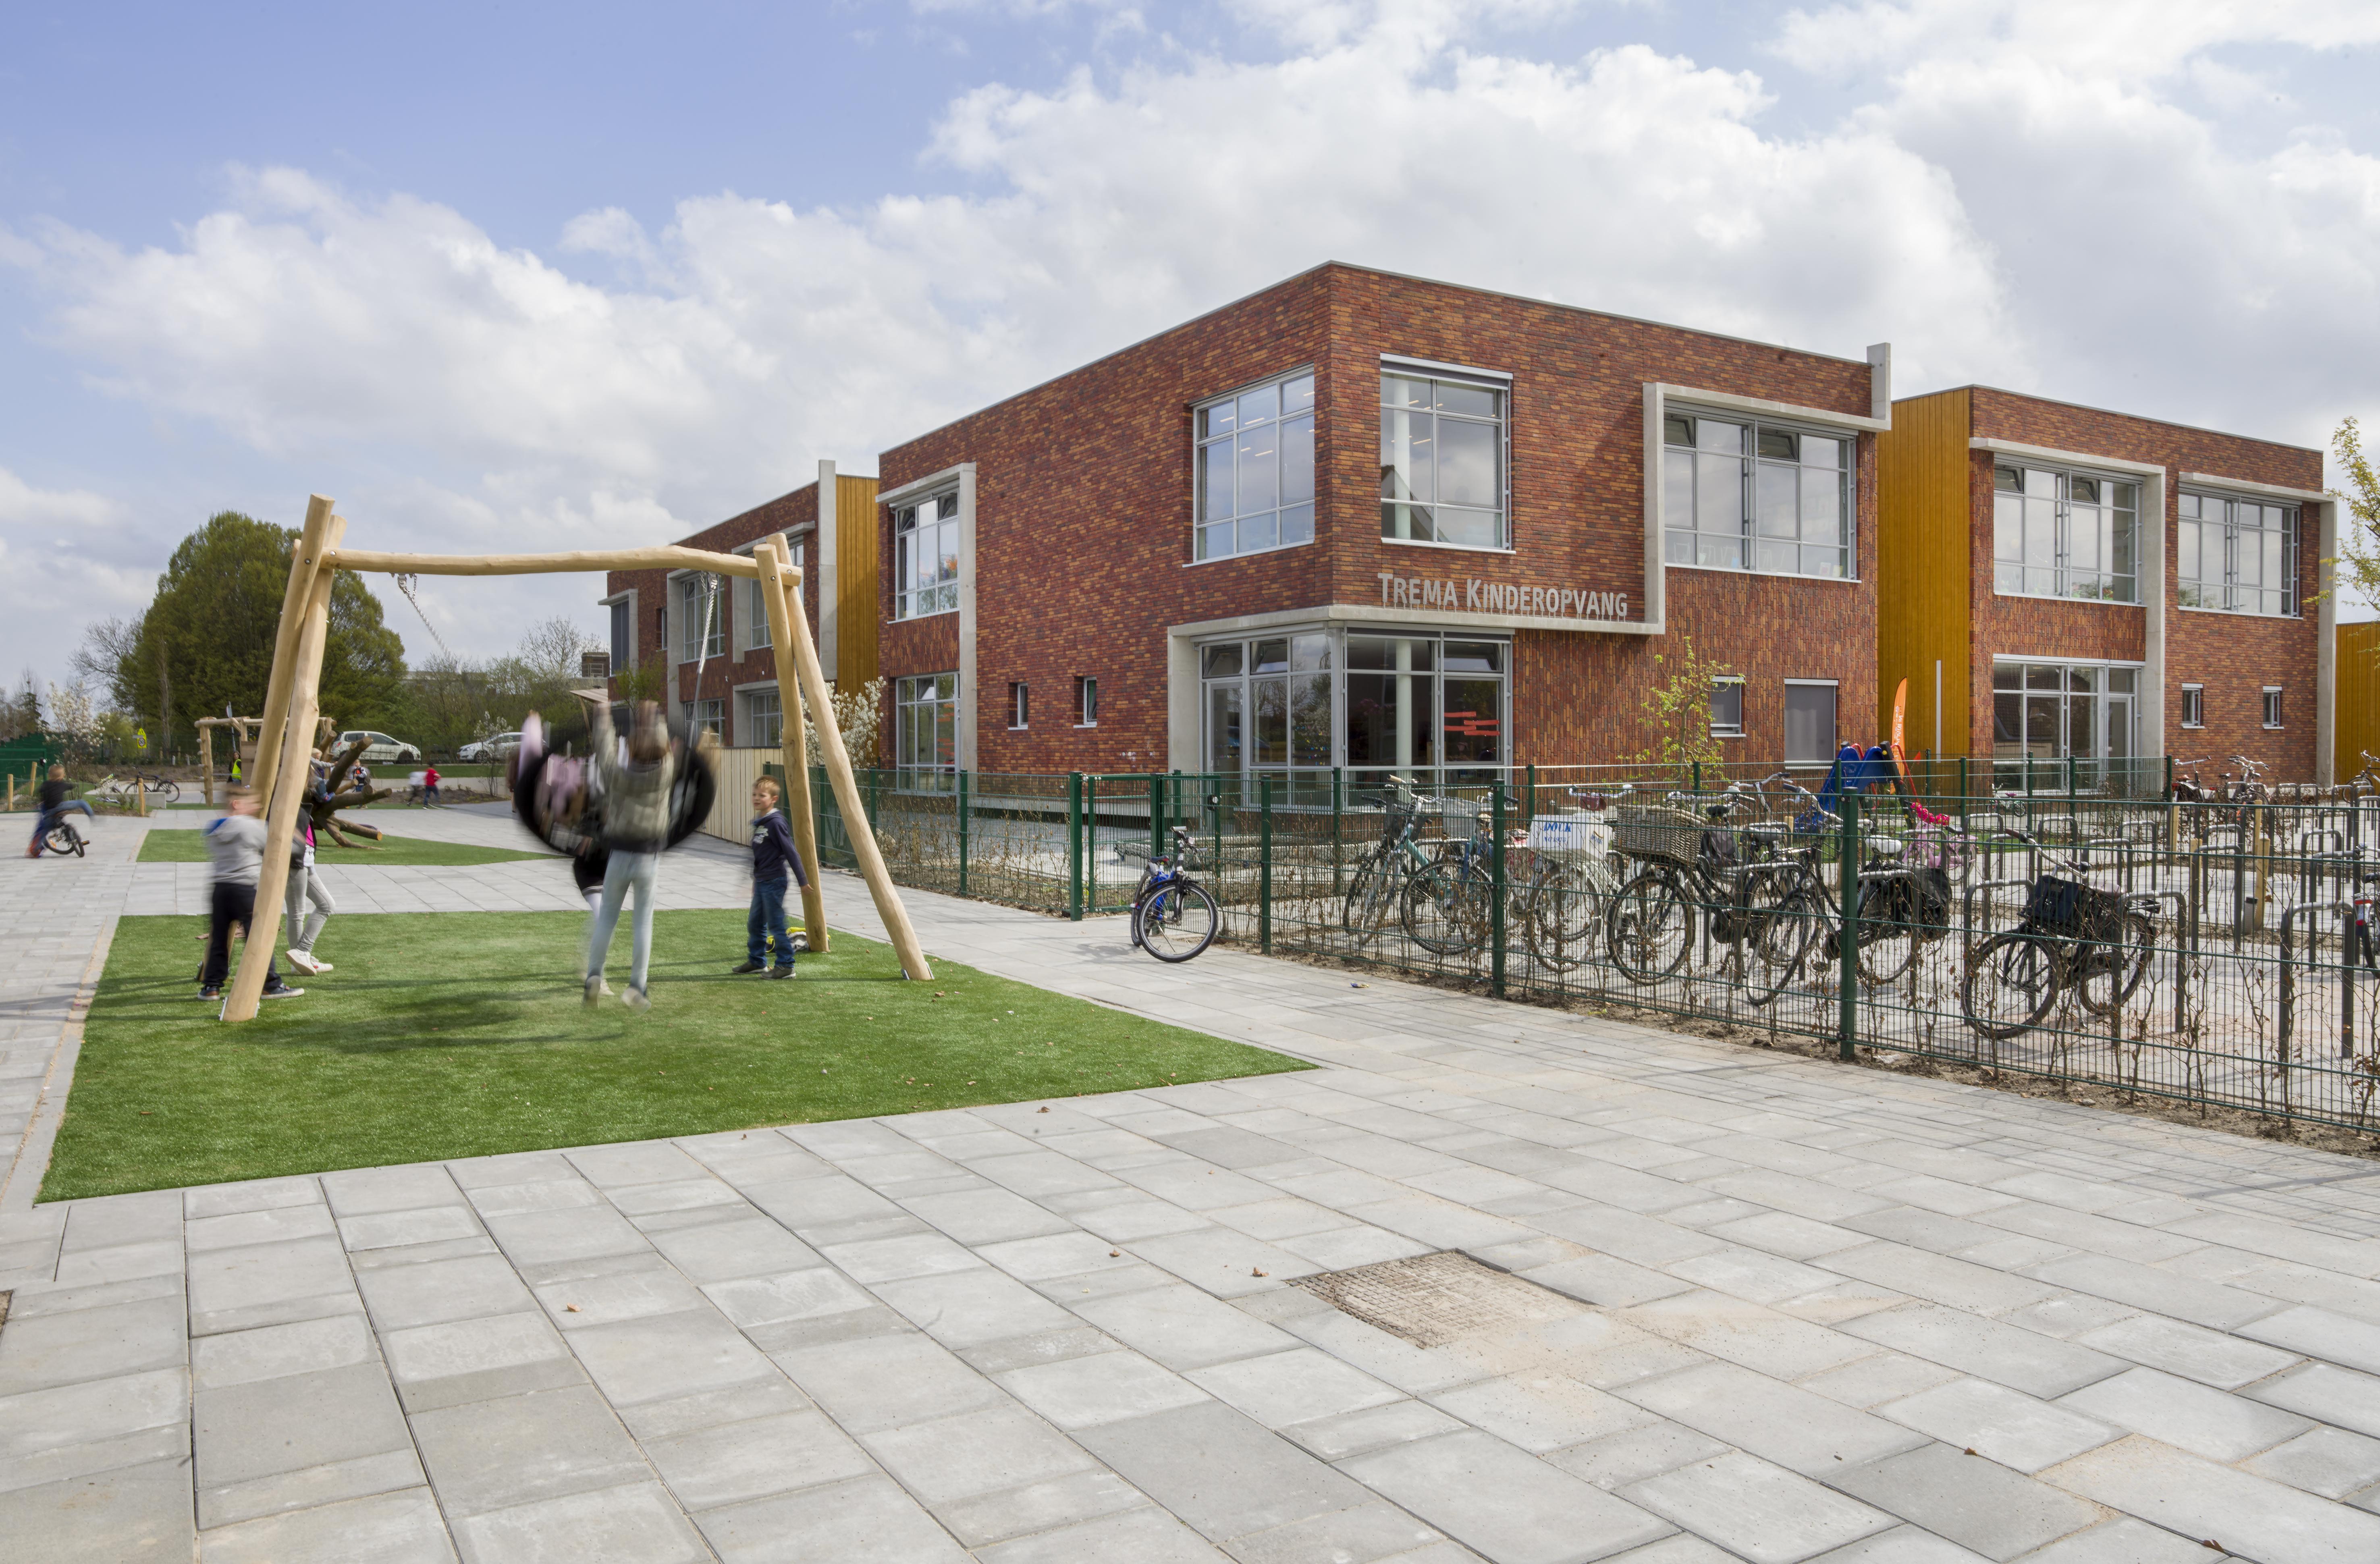 <p>MFA Vlechtwerk, Werkendam &#8211; No Label. Beeld M. van Hout</p>